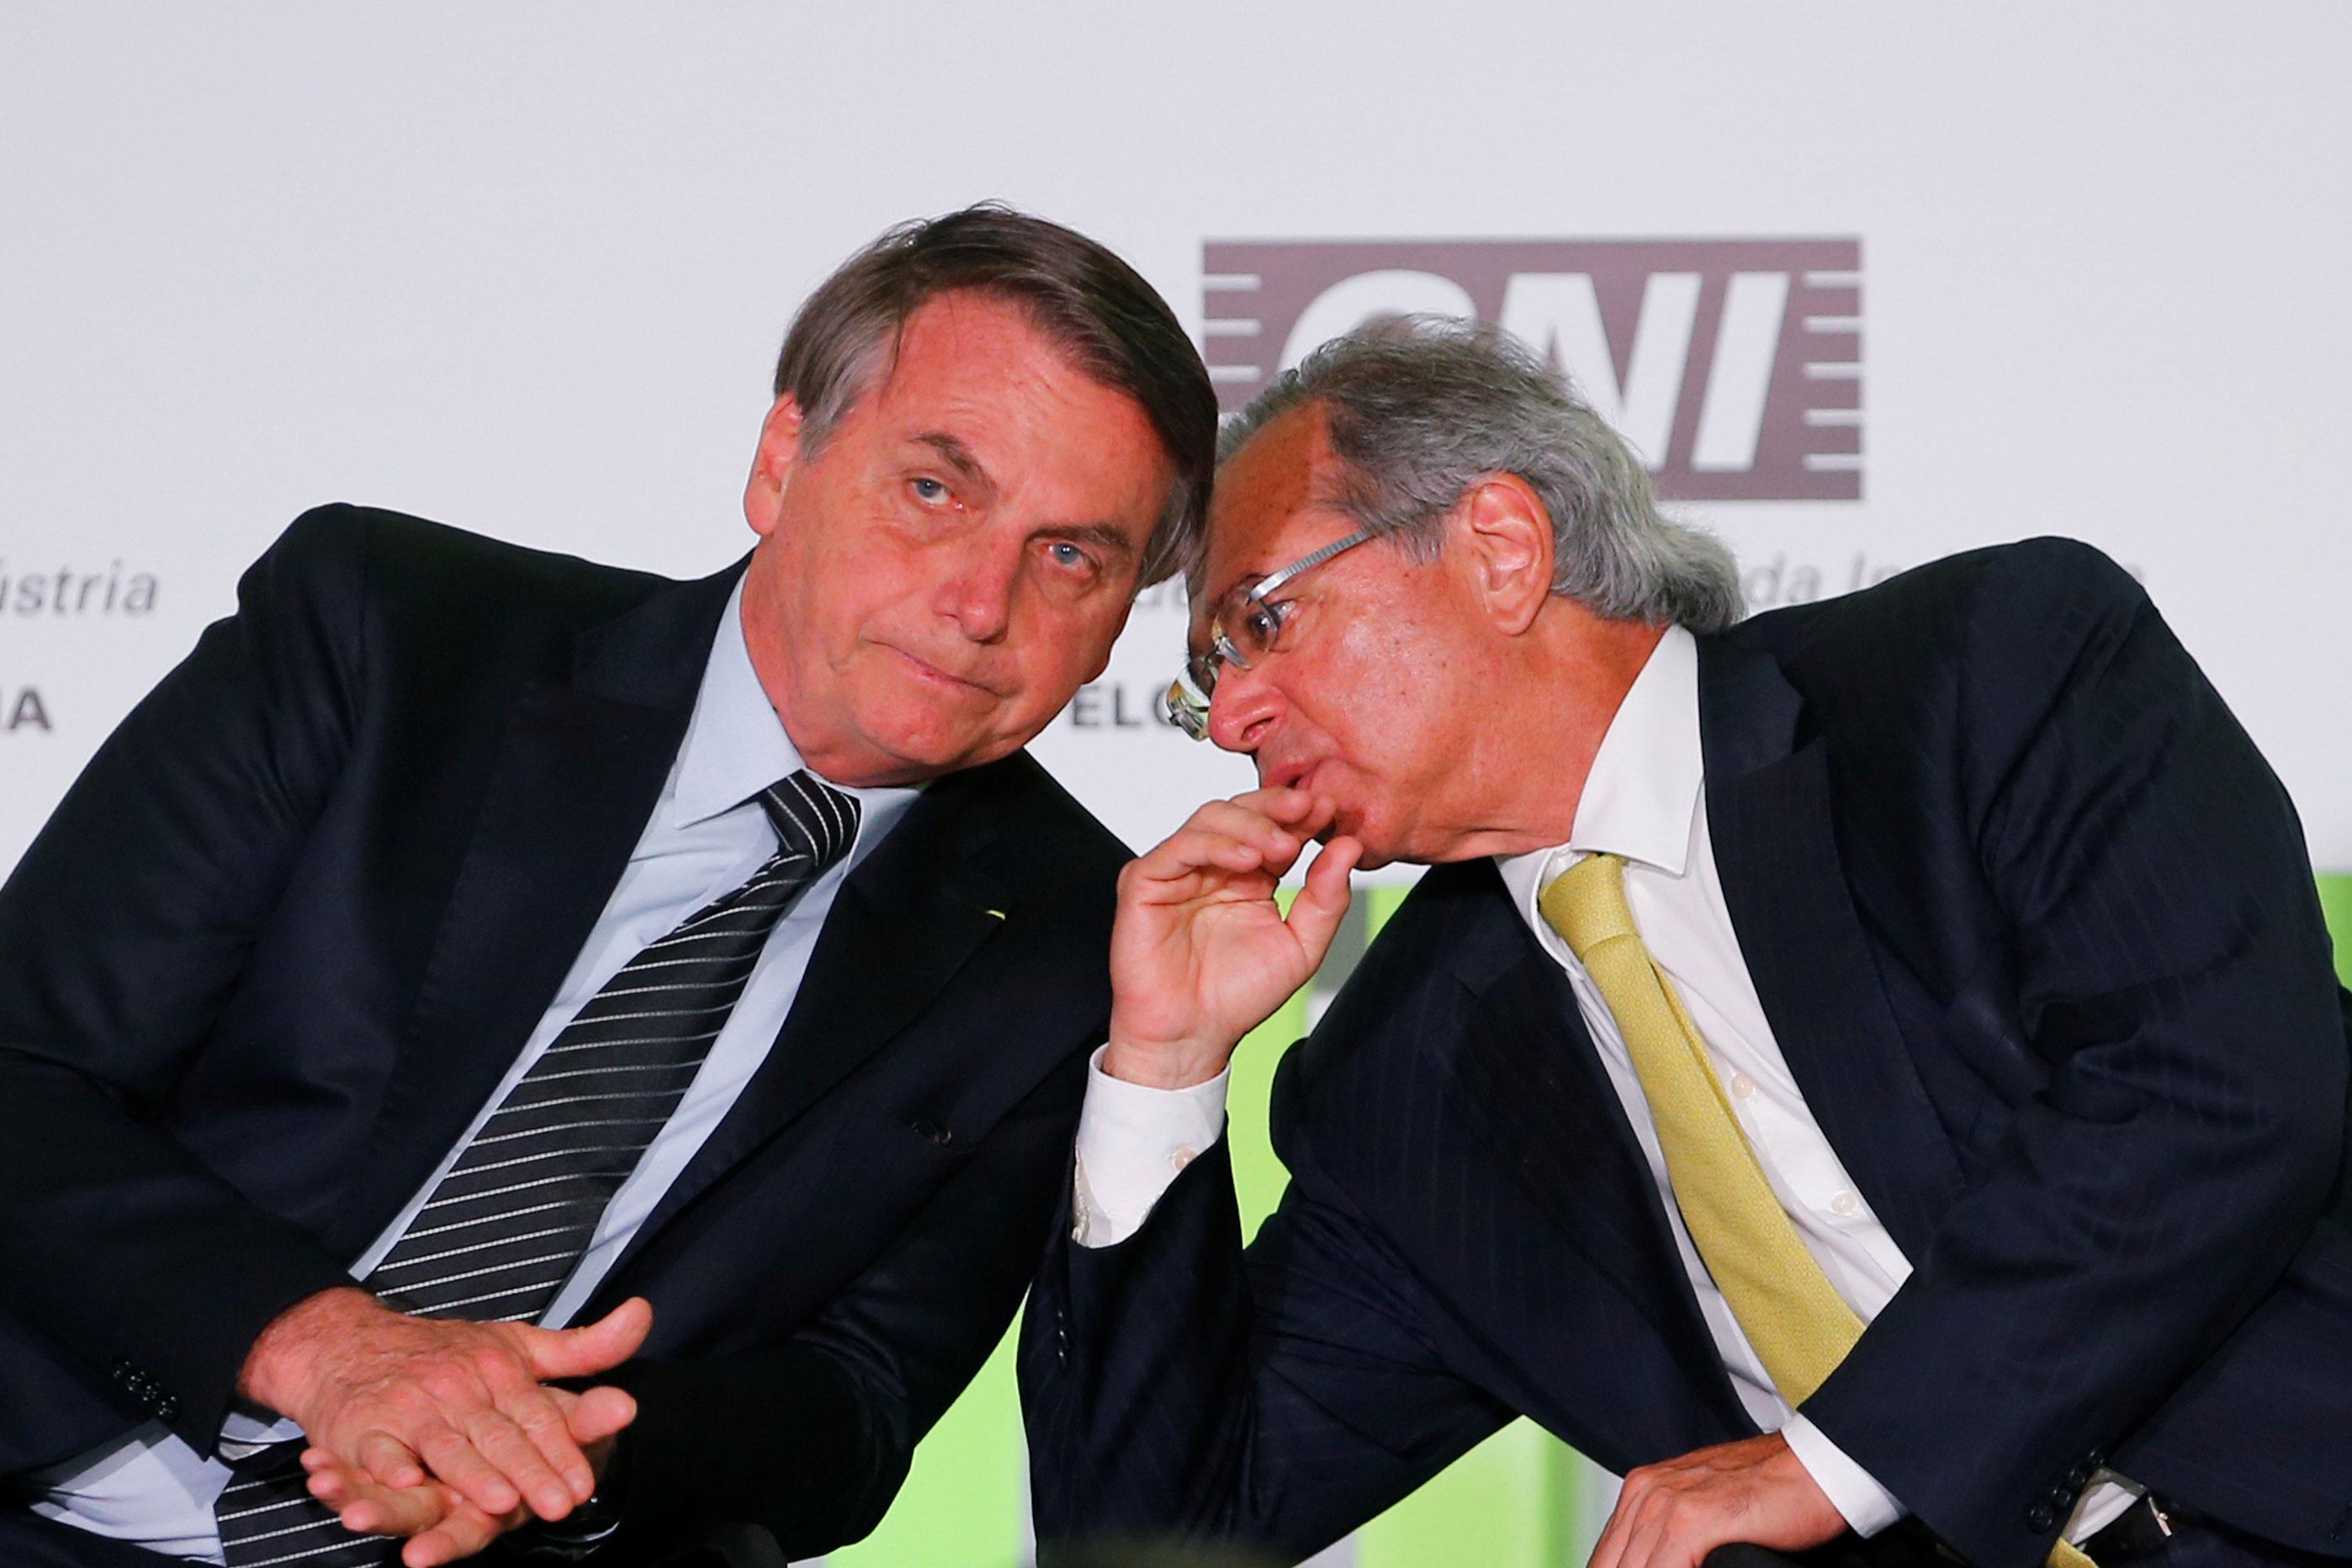 Paulo Guedes e Jair Bolsonaro conversam em evento em Brasília